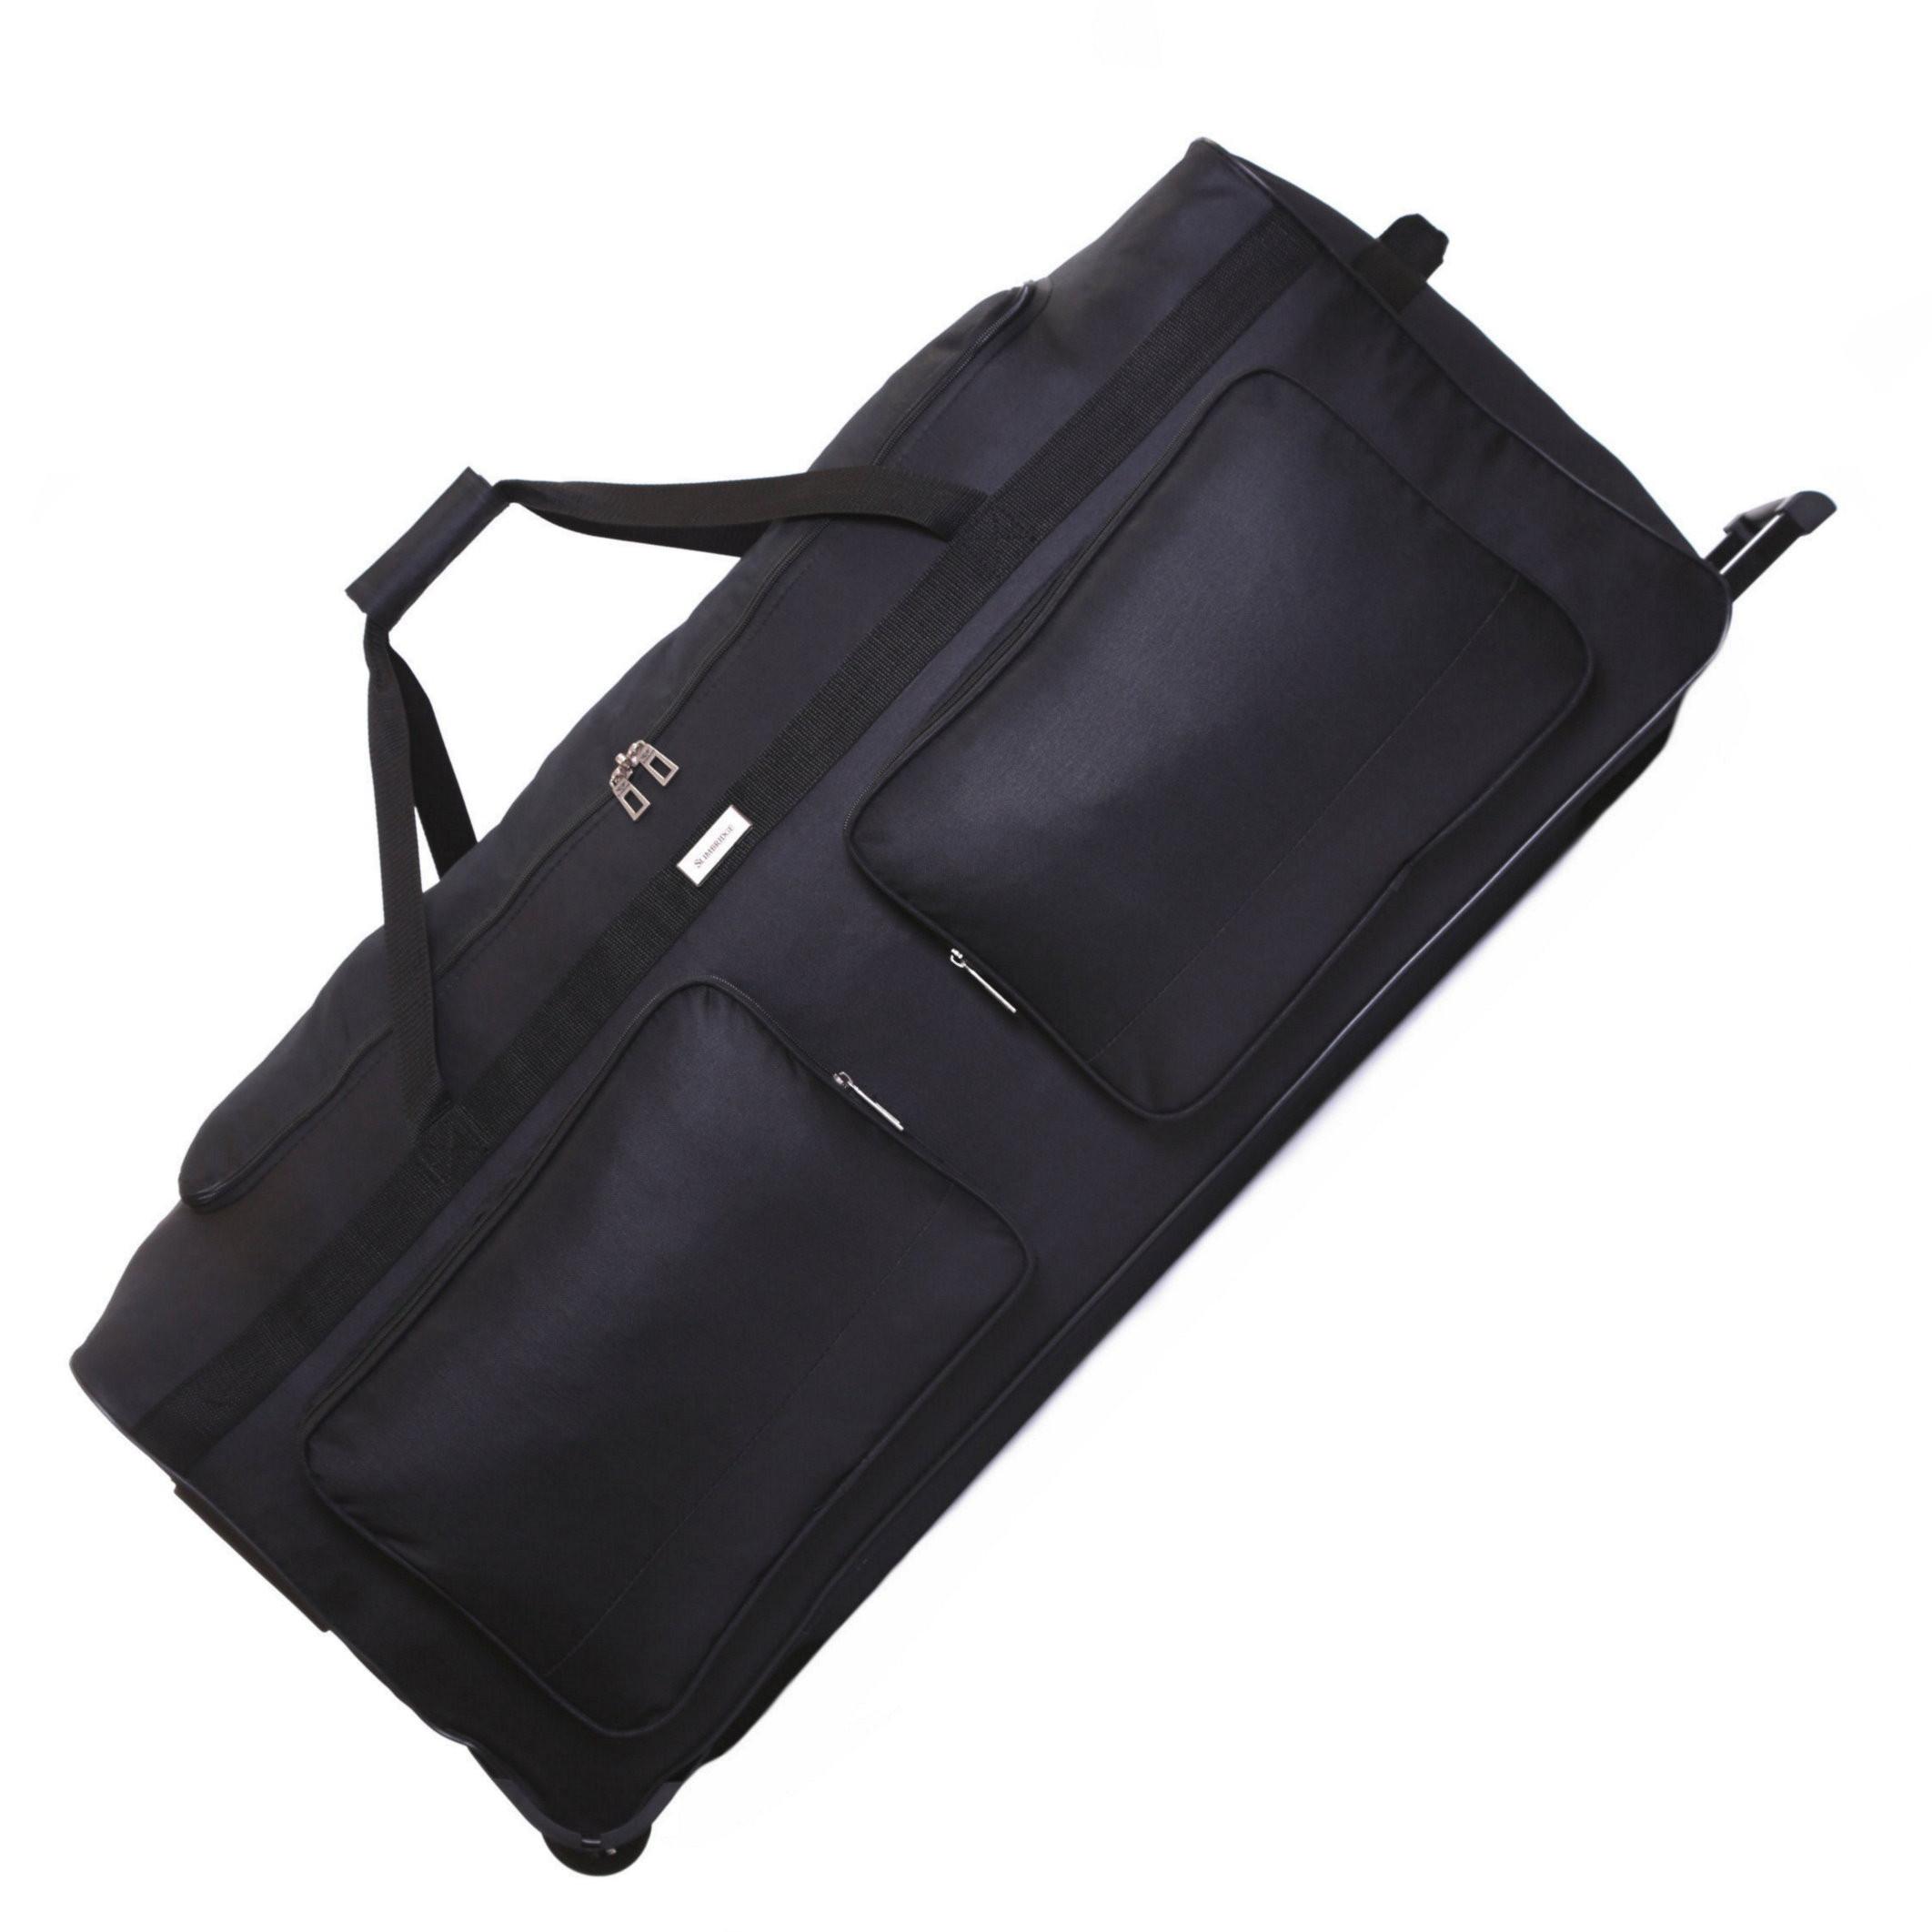 Alton 40 Inch Wheeled Bag